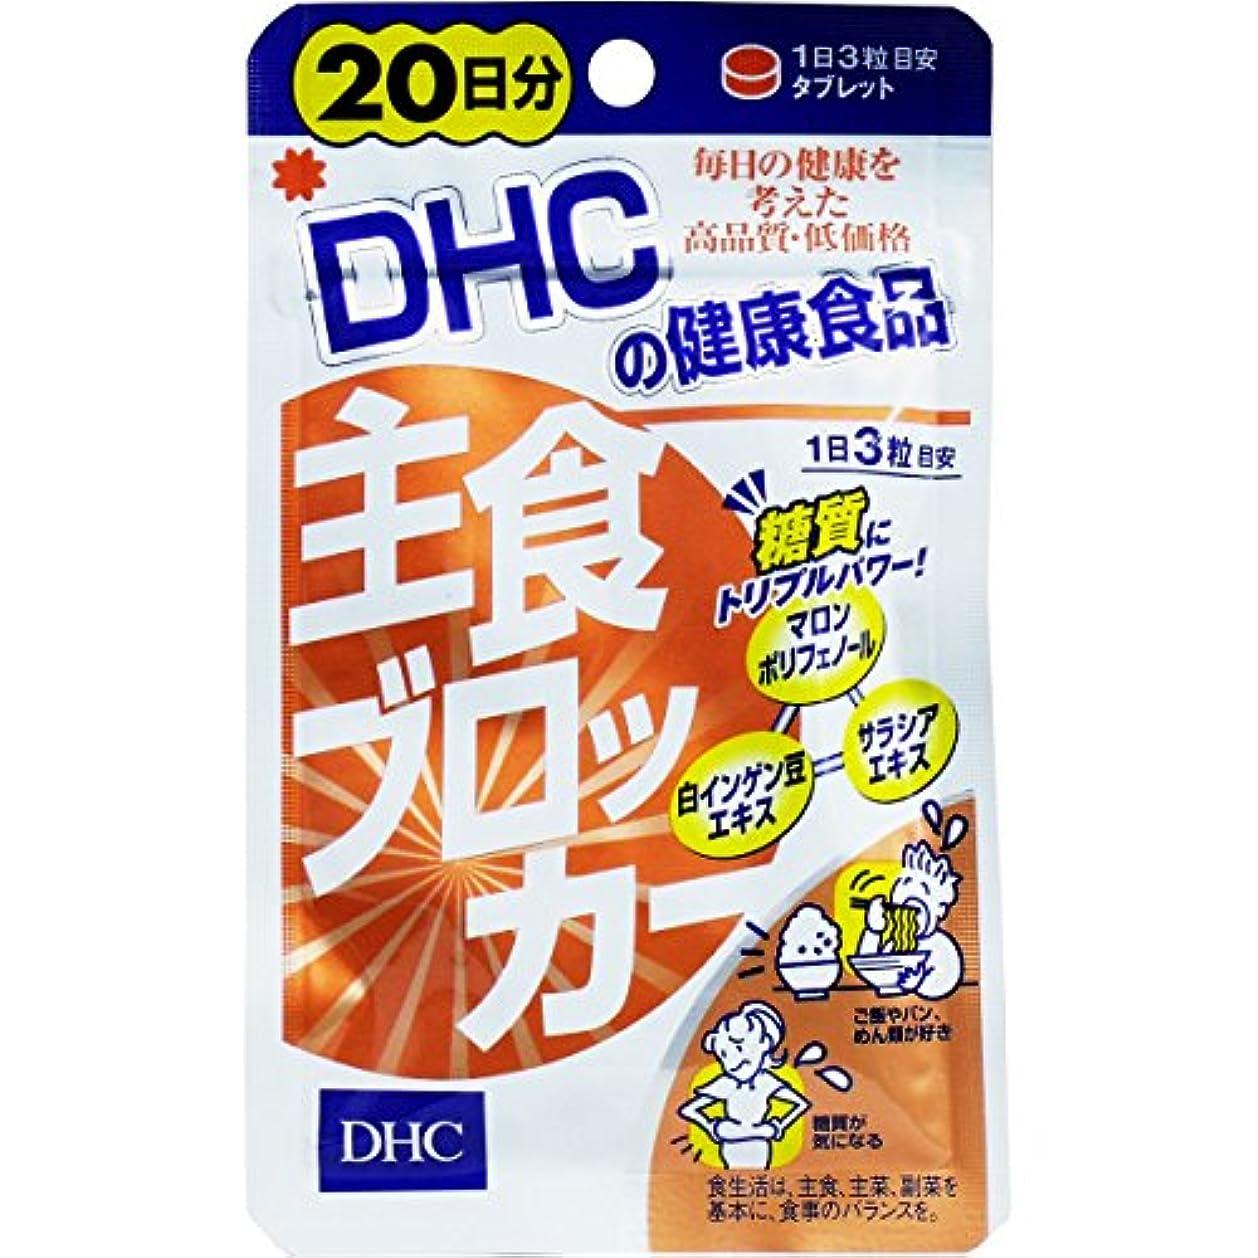 レタス期限ハドルダイエット トリプルパワーでため込み対策 栄養機能食品 DHC 主食ブロッカー 20日分 60粒入【5個セット】